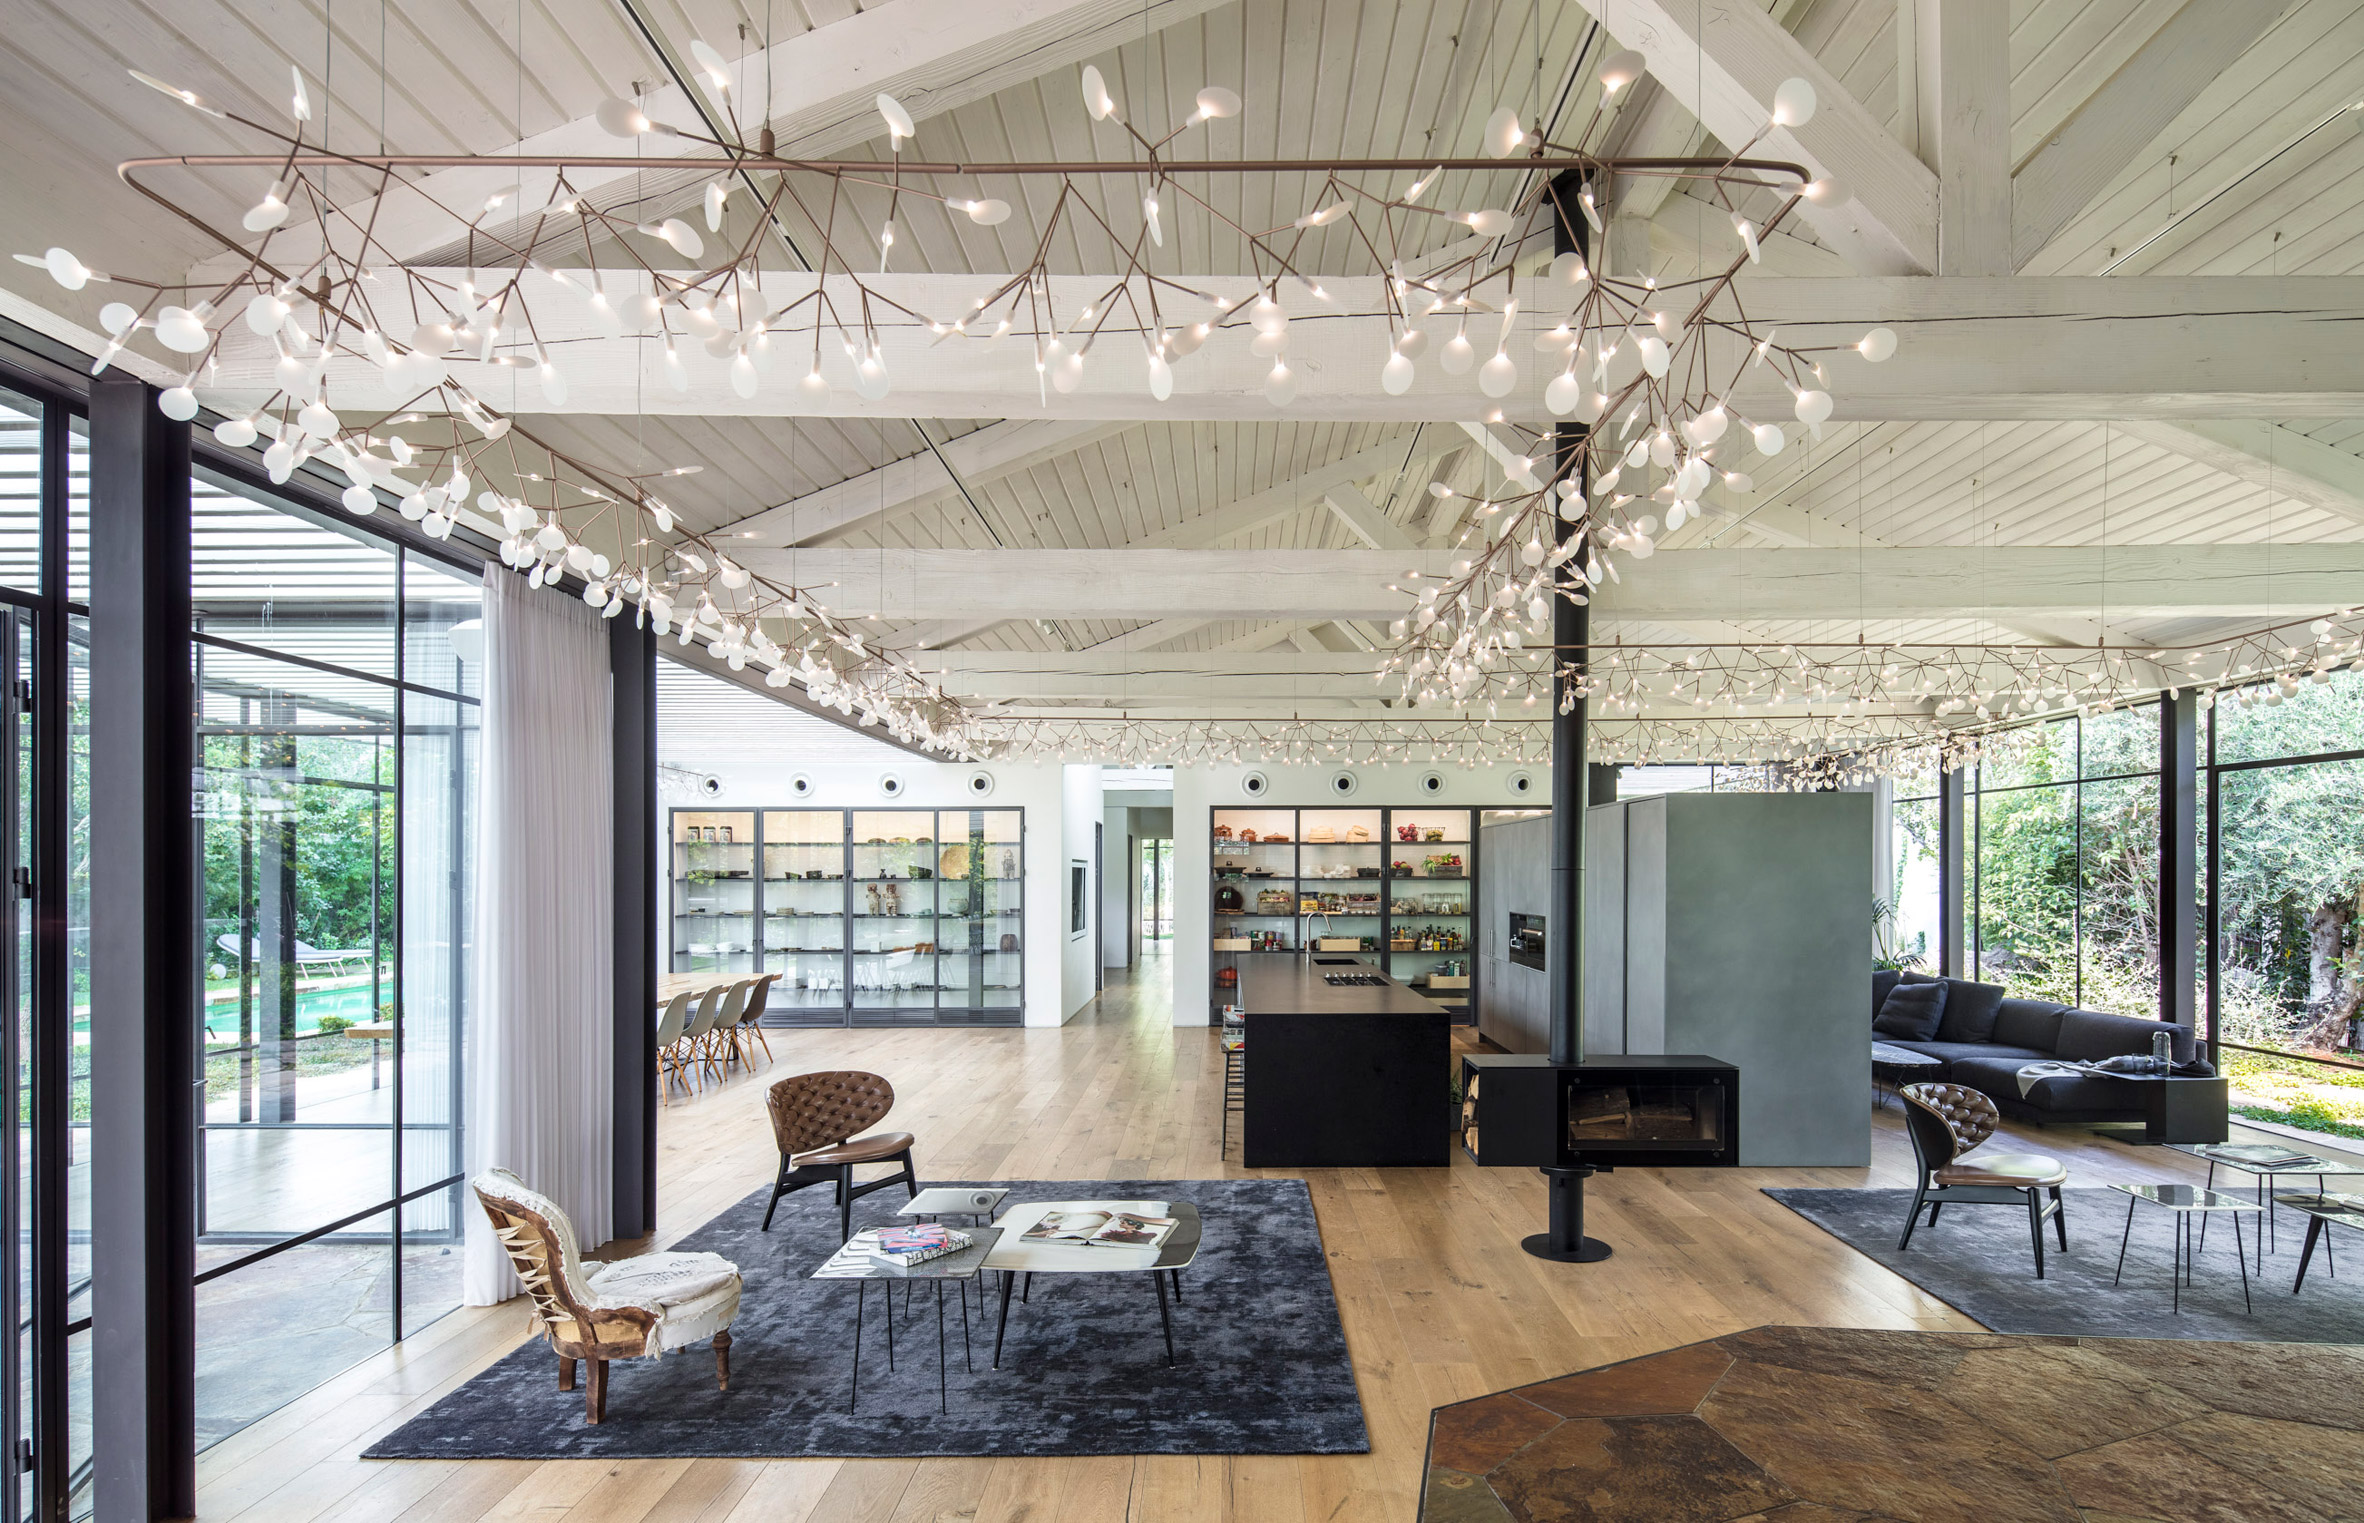 M House by Pitsou Kedem Architects